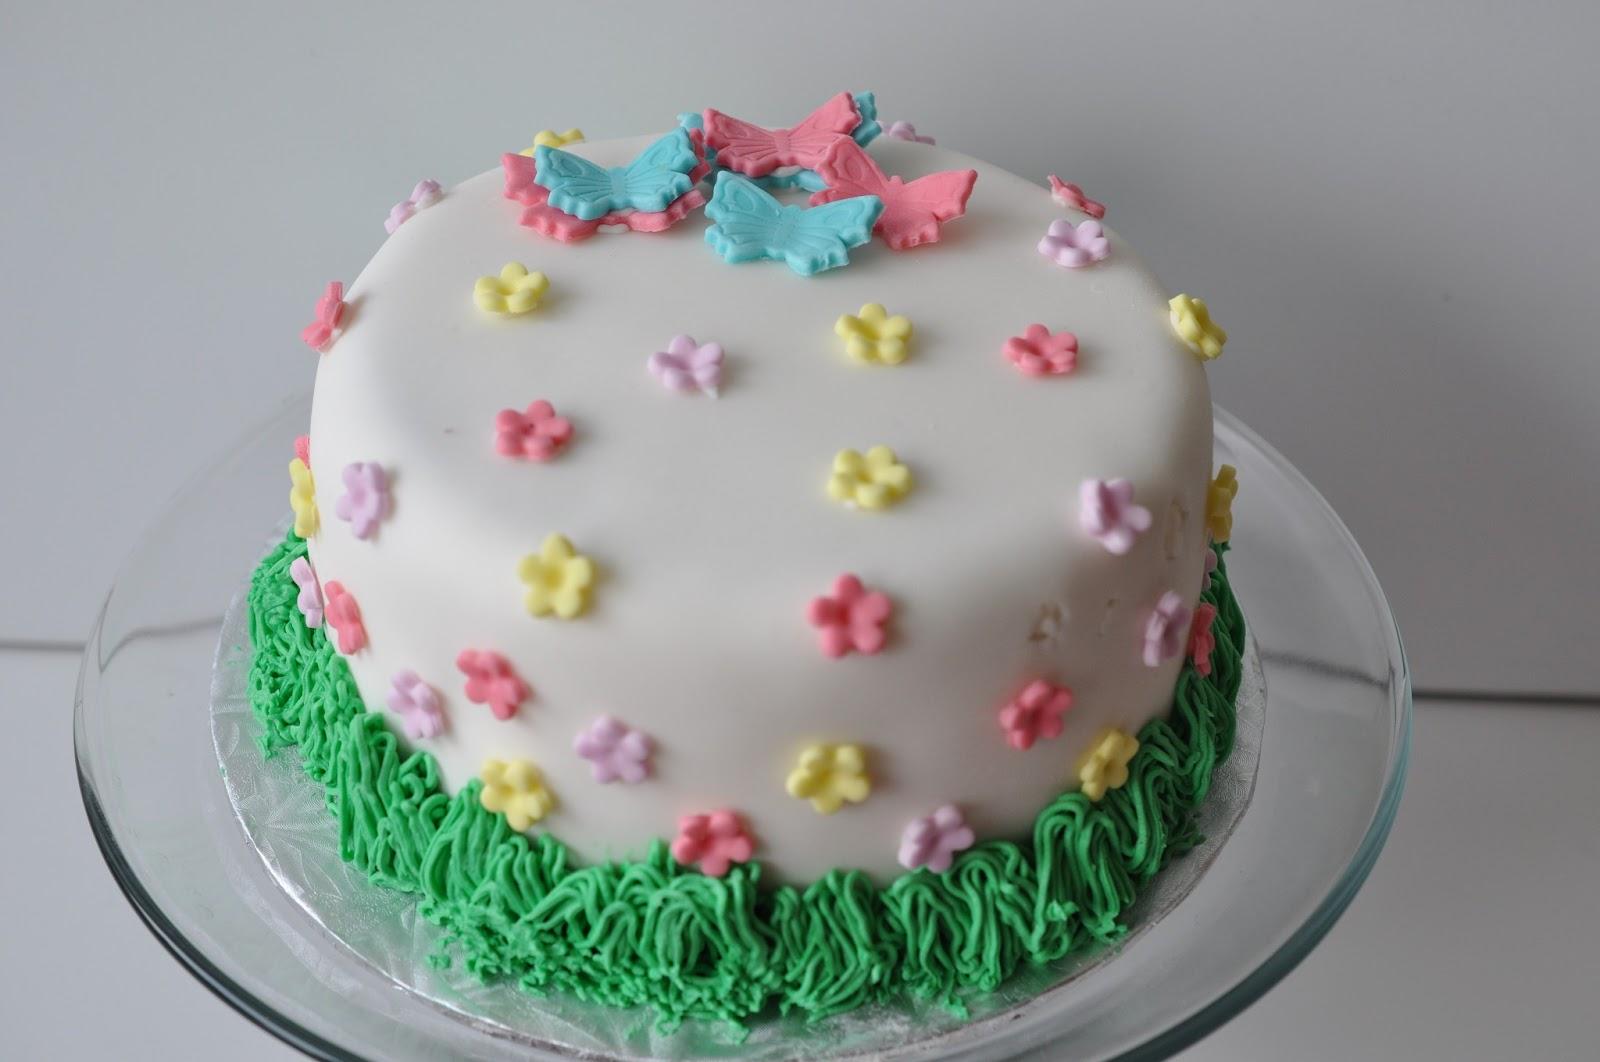 Awesome 11 Easy Birthday Cakes Spring Photo Spring Cake Ideas Birthday Funny Birthday Cards Online Alyptdamsfinfo